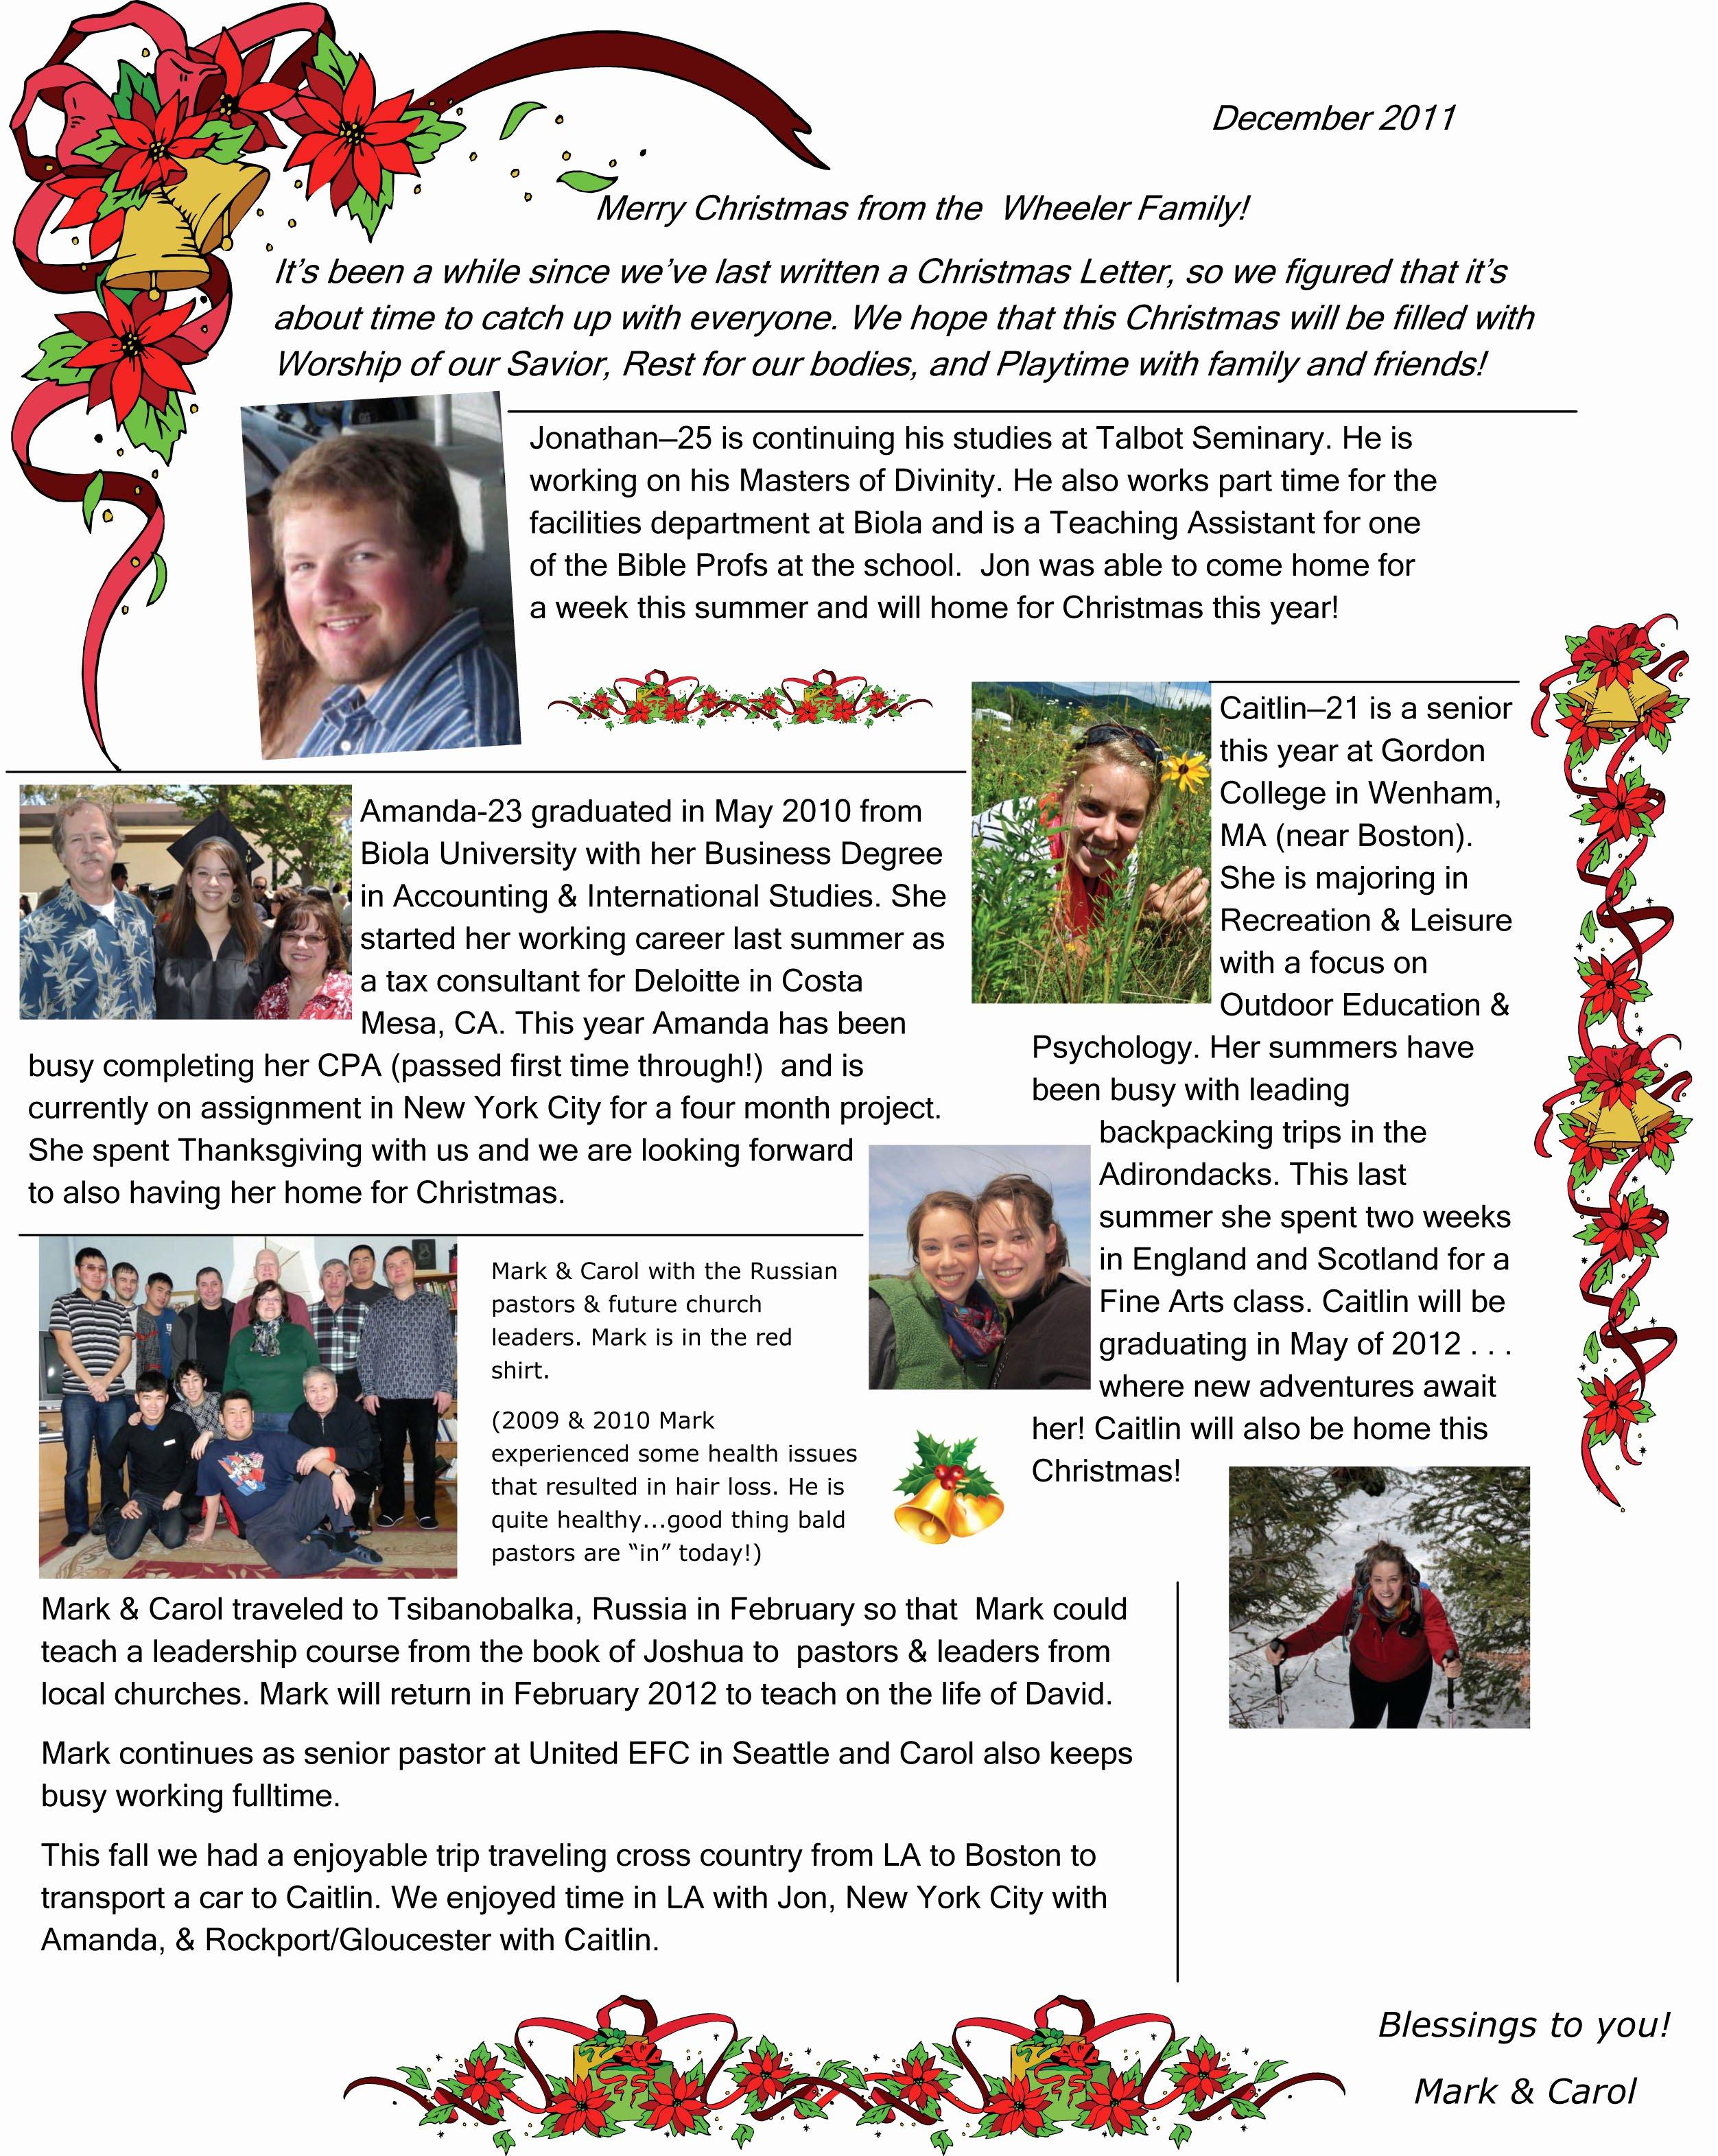 Family Christmas Letter – 2011